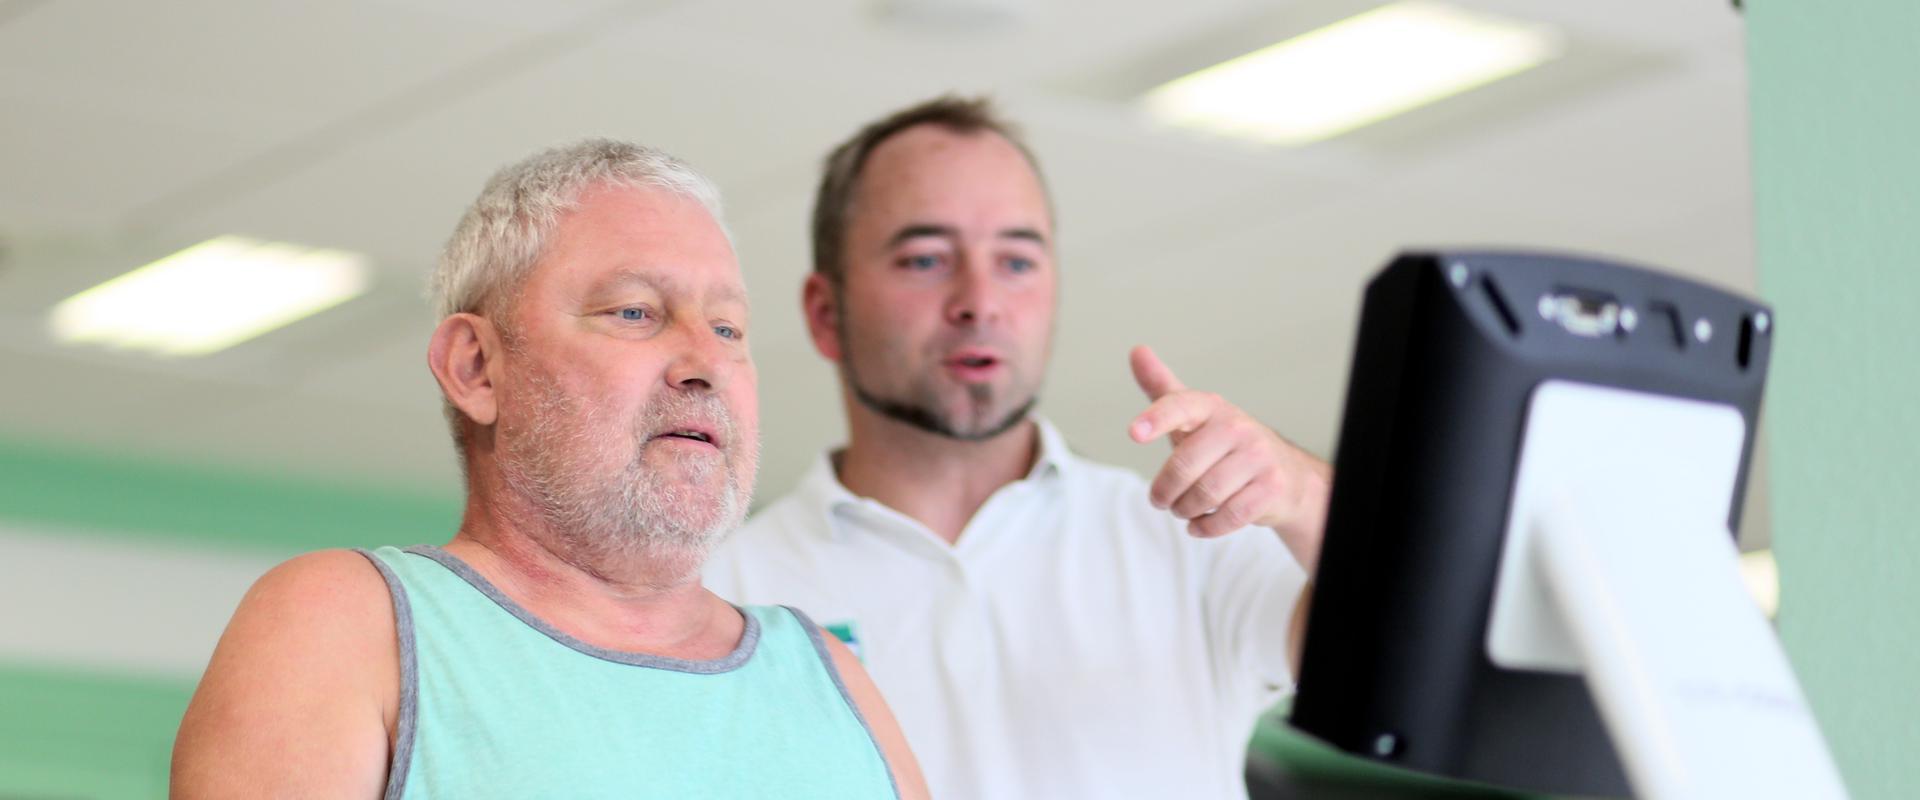 Patient wird beim Training vom Therapeuten unterstützt in der MEDIAN Saale Klinik Bad Kösen Klinik I